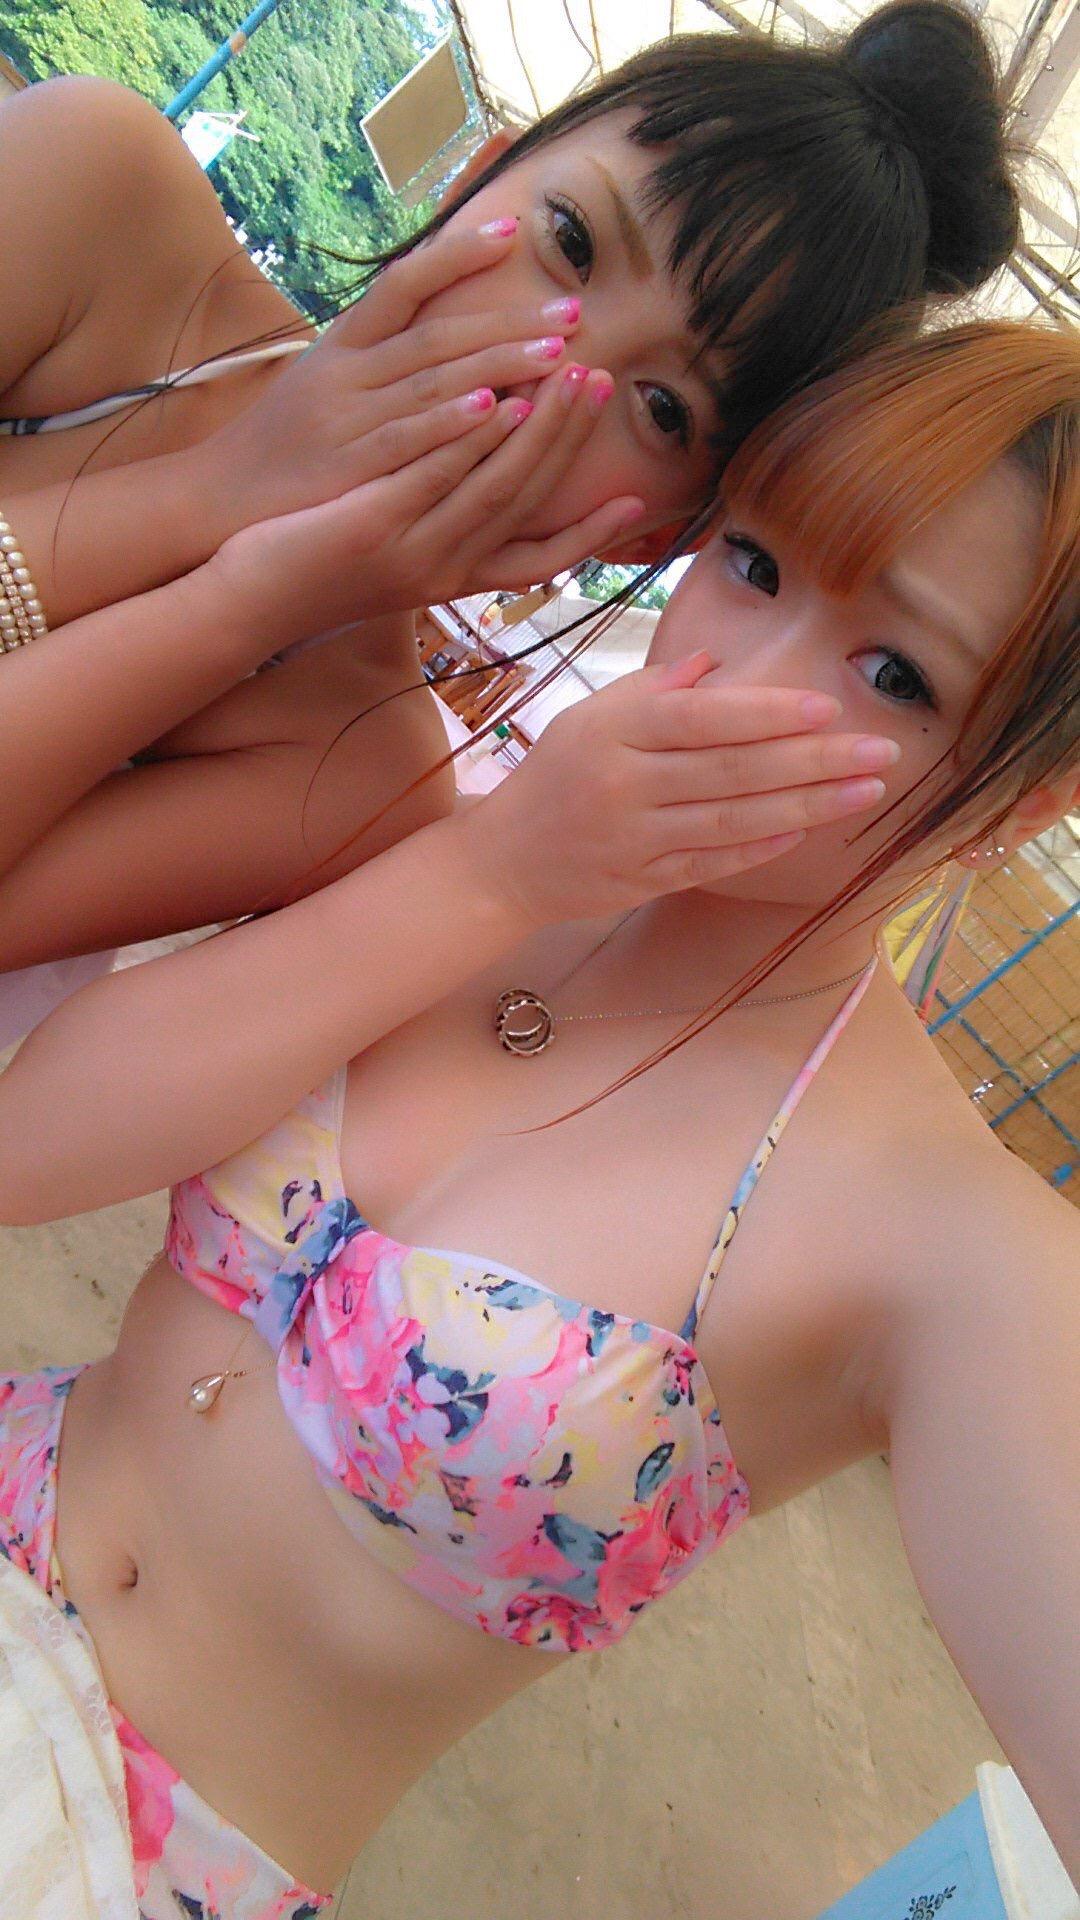 水着ギャルと夏の思い出が多すぎてみんなと共有しないわけにはいかないんだ!!!!!!!! LP6TMy3